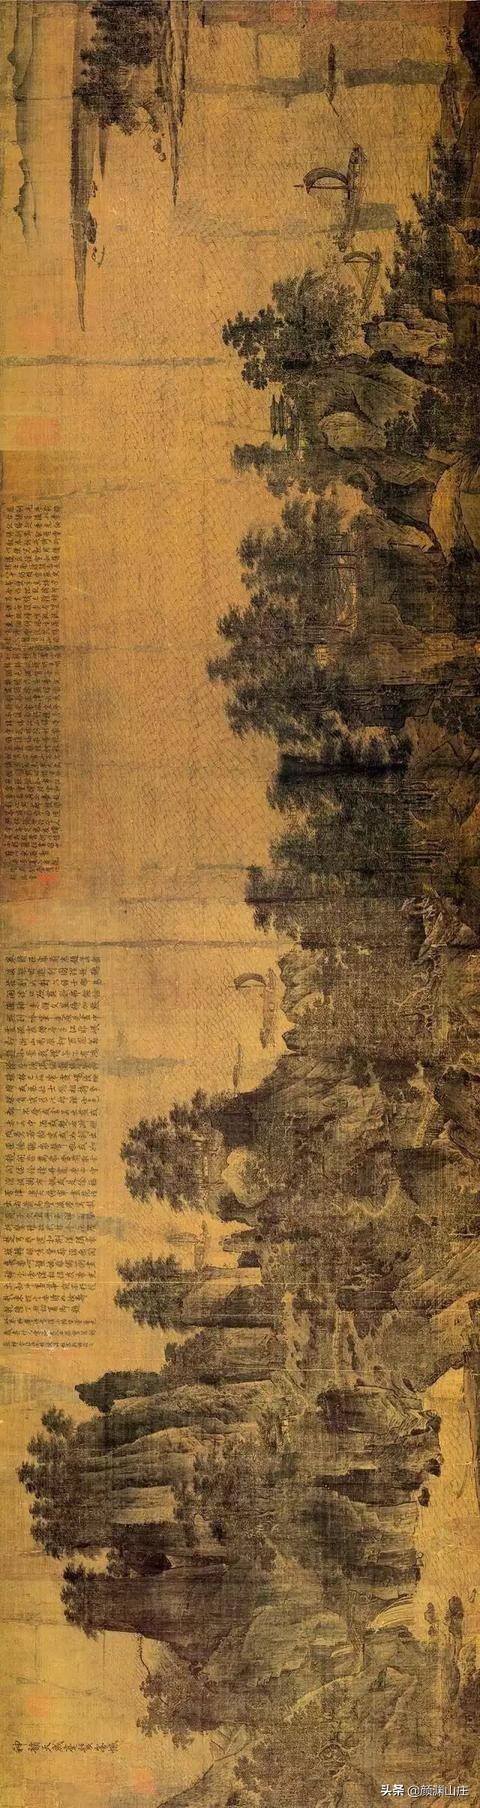 《七言律诗》诗词辑录264篇大全集